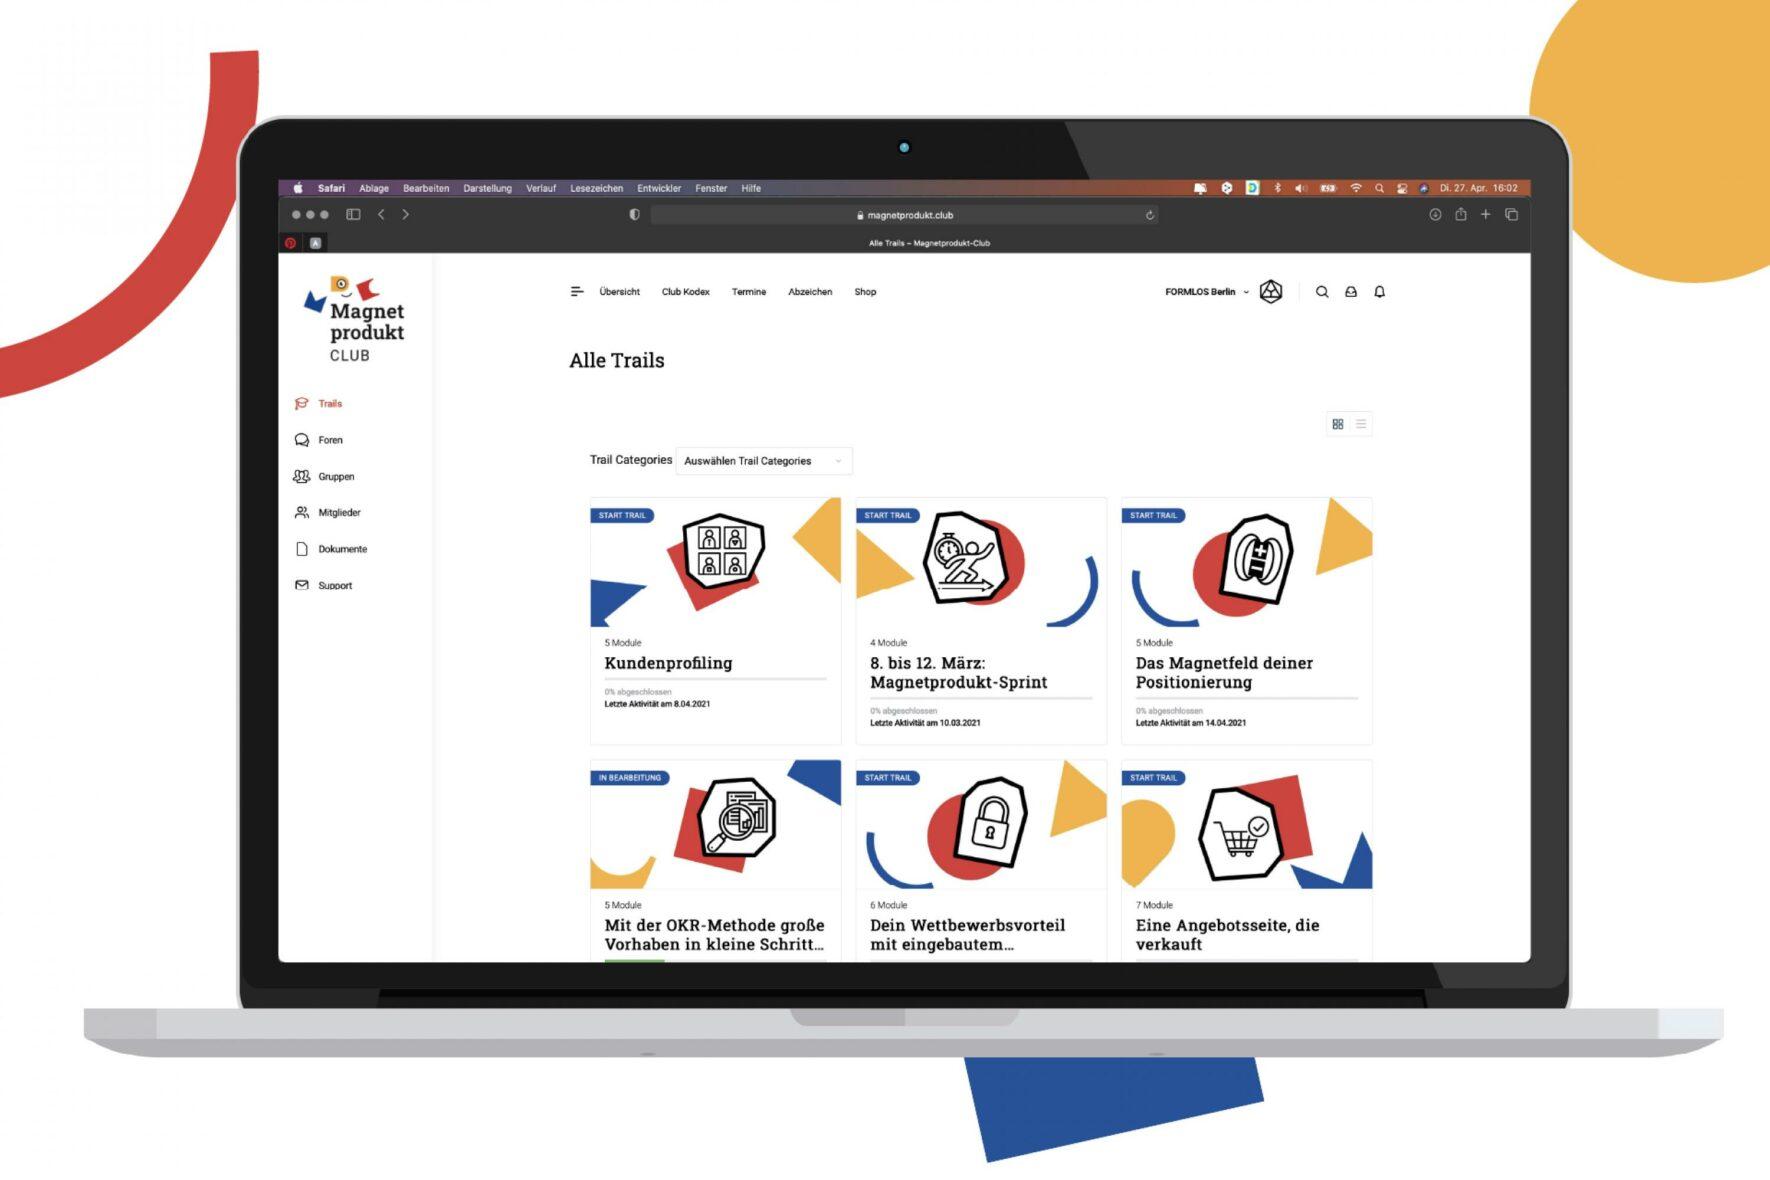 Magnetprodukt-Club-Design-Bradning-FORMLOS-Berlin-Plattform-Badges Kopie 4